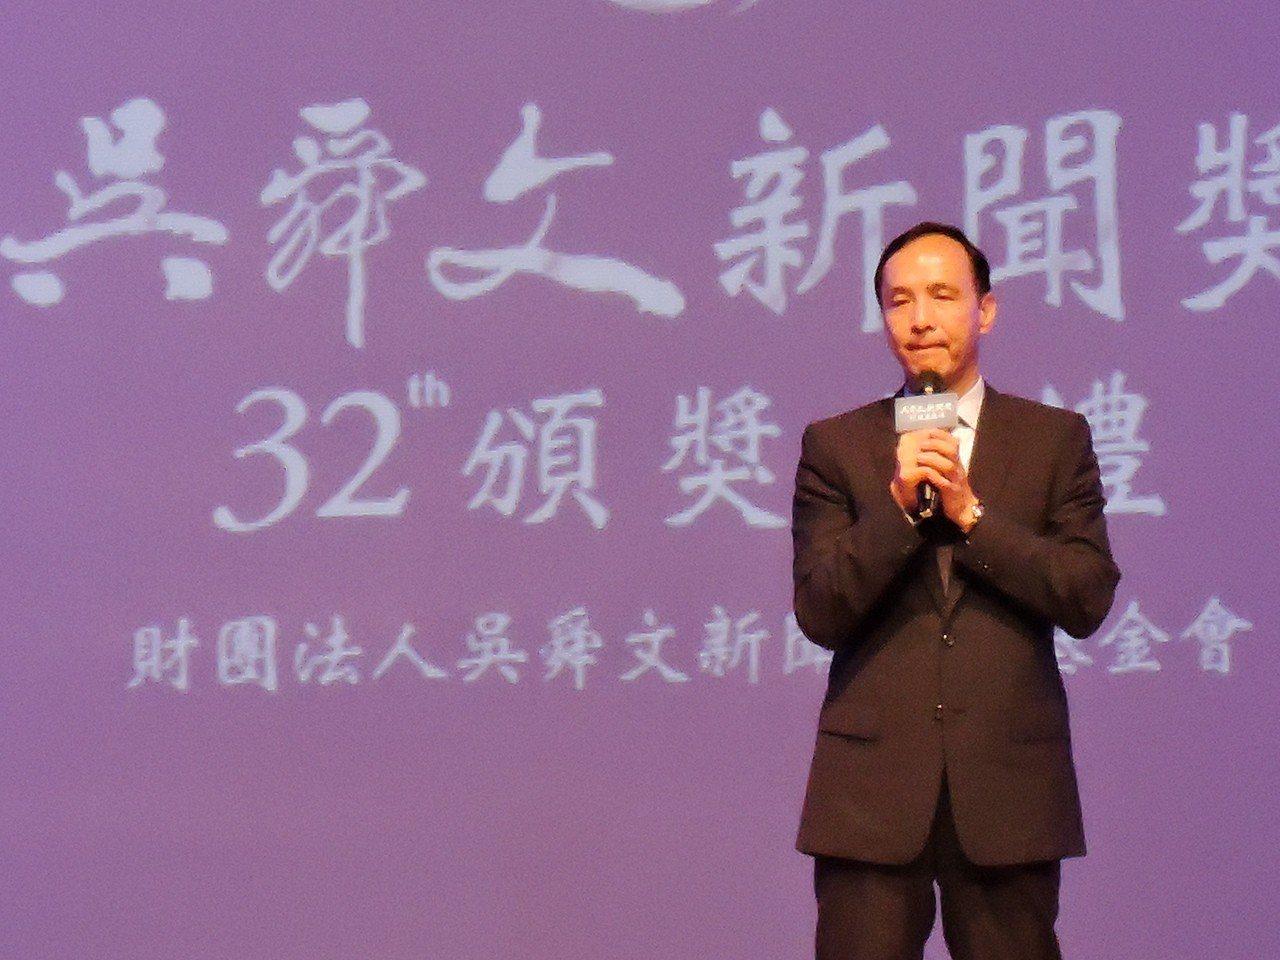 新北市長朱立倫今天下午出席吳舜文新聞獎頒獎典禮,一上台致詞,語氣傷感地說:「這是...